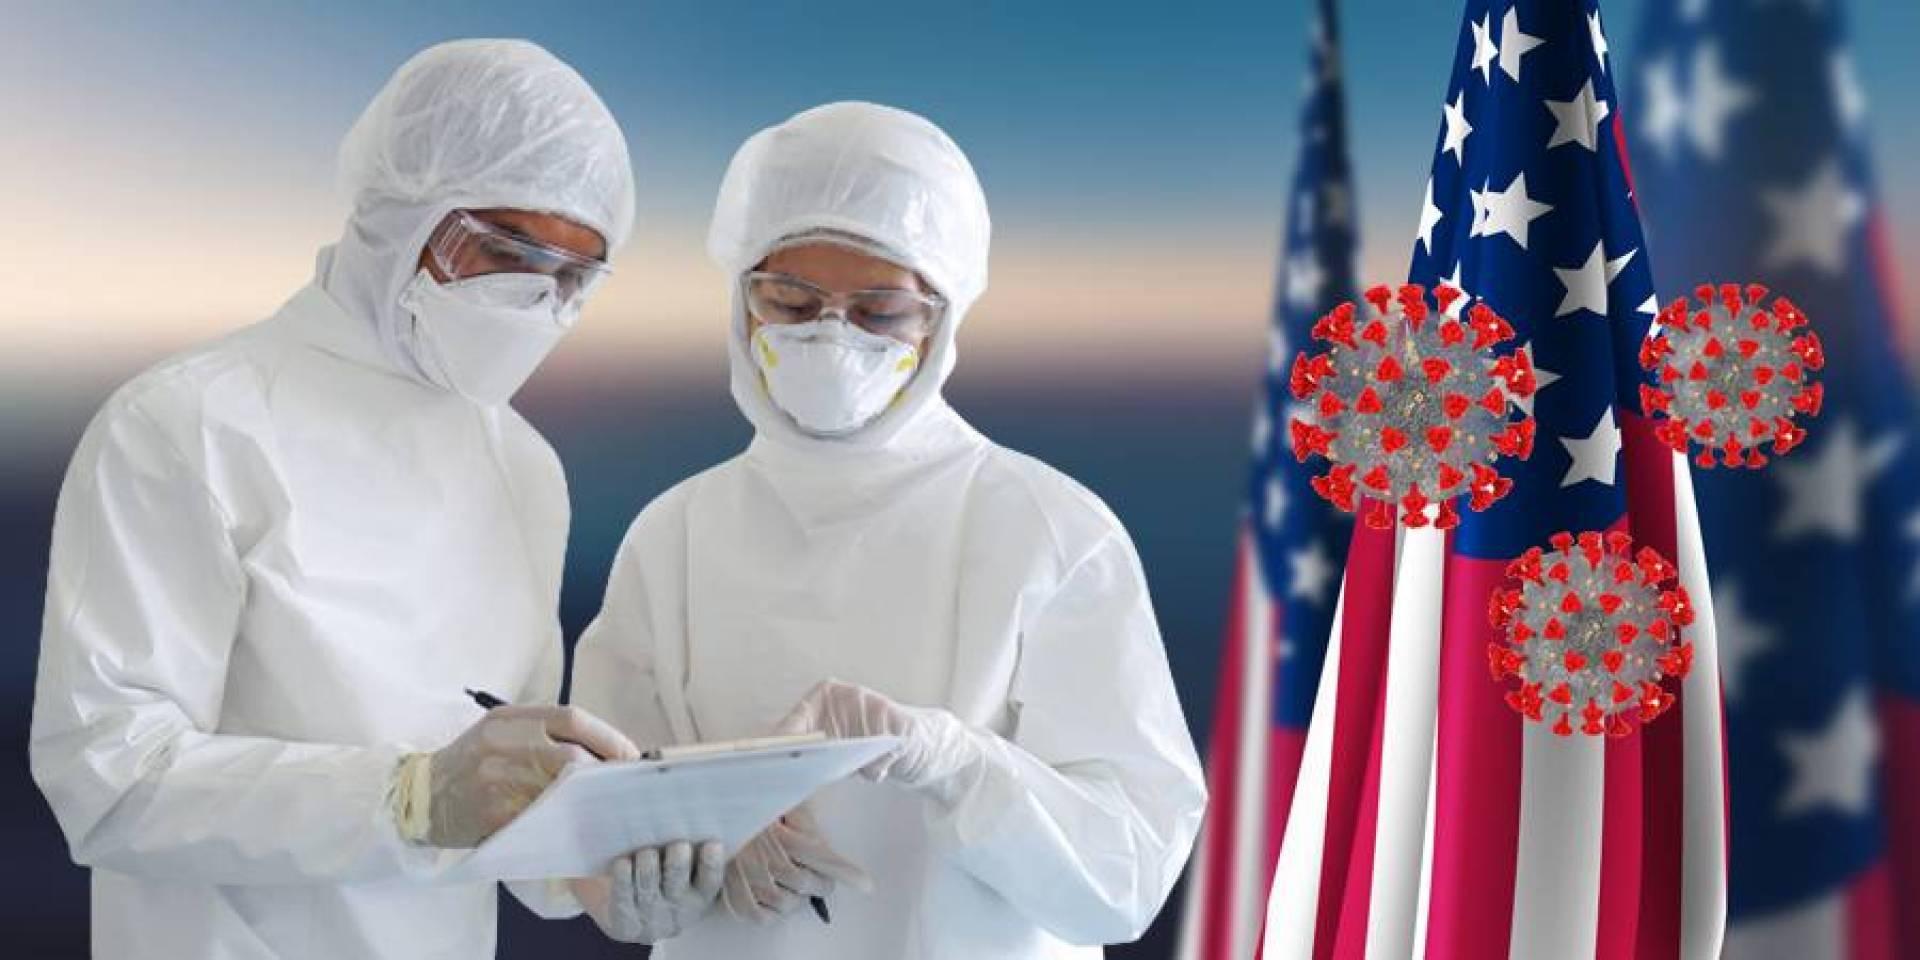 «وول ستريت جورنال»: خبراء الأوبئة في أميركا متفائلون بحذر في مواجهة كورونا